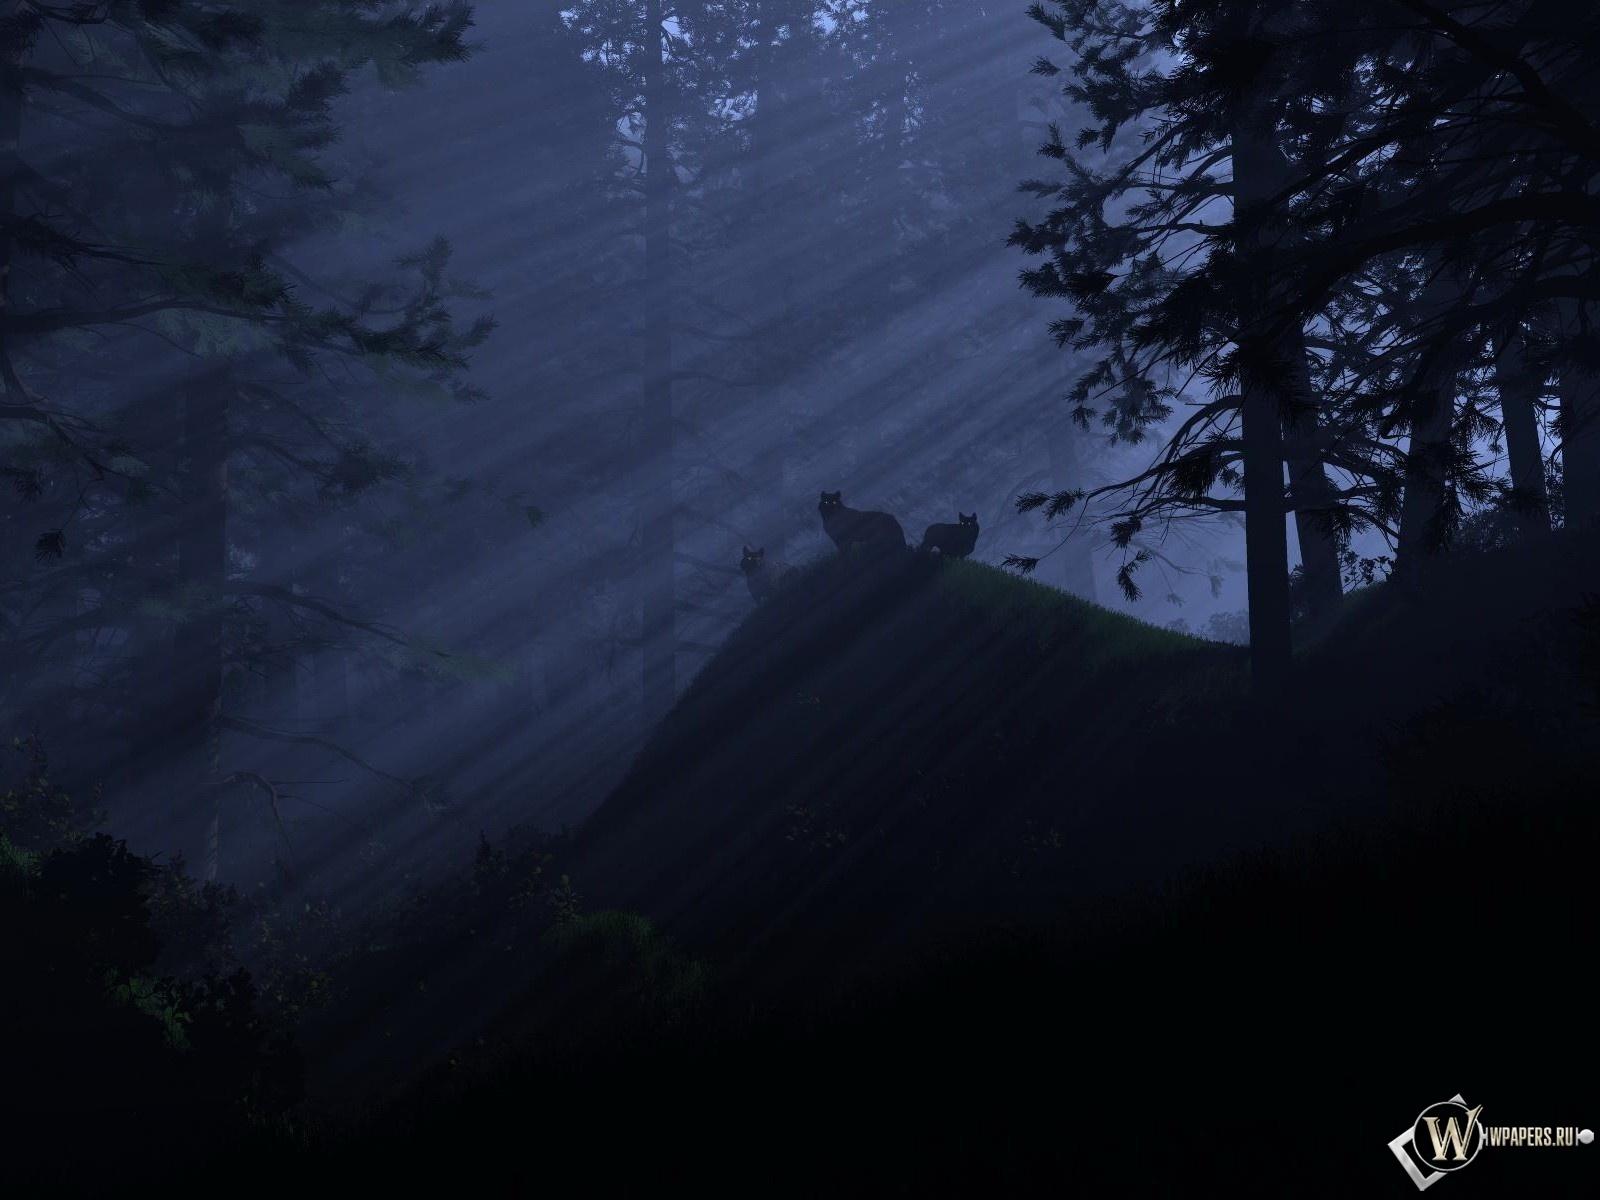 Волки ночью 1600x1200